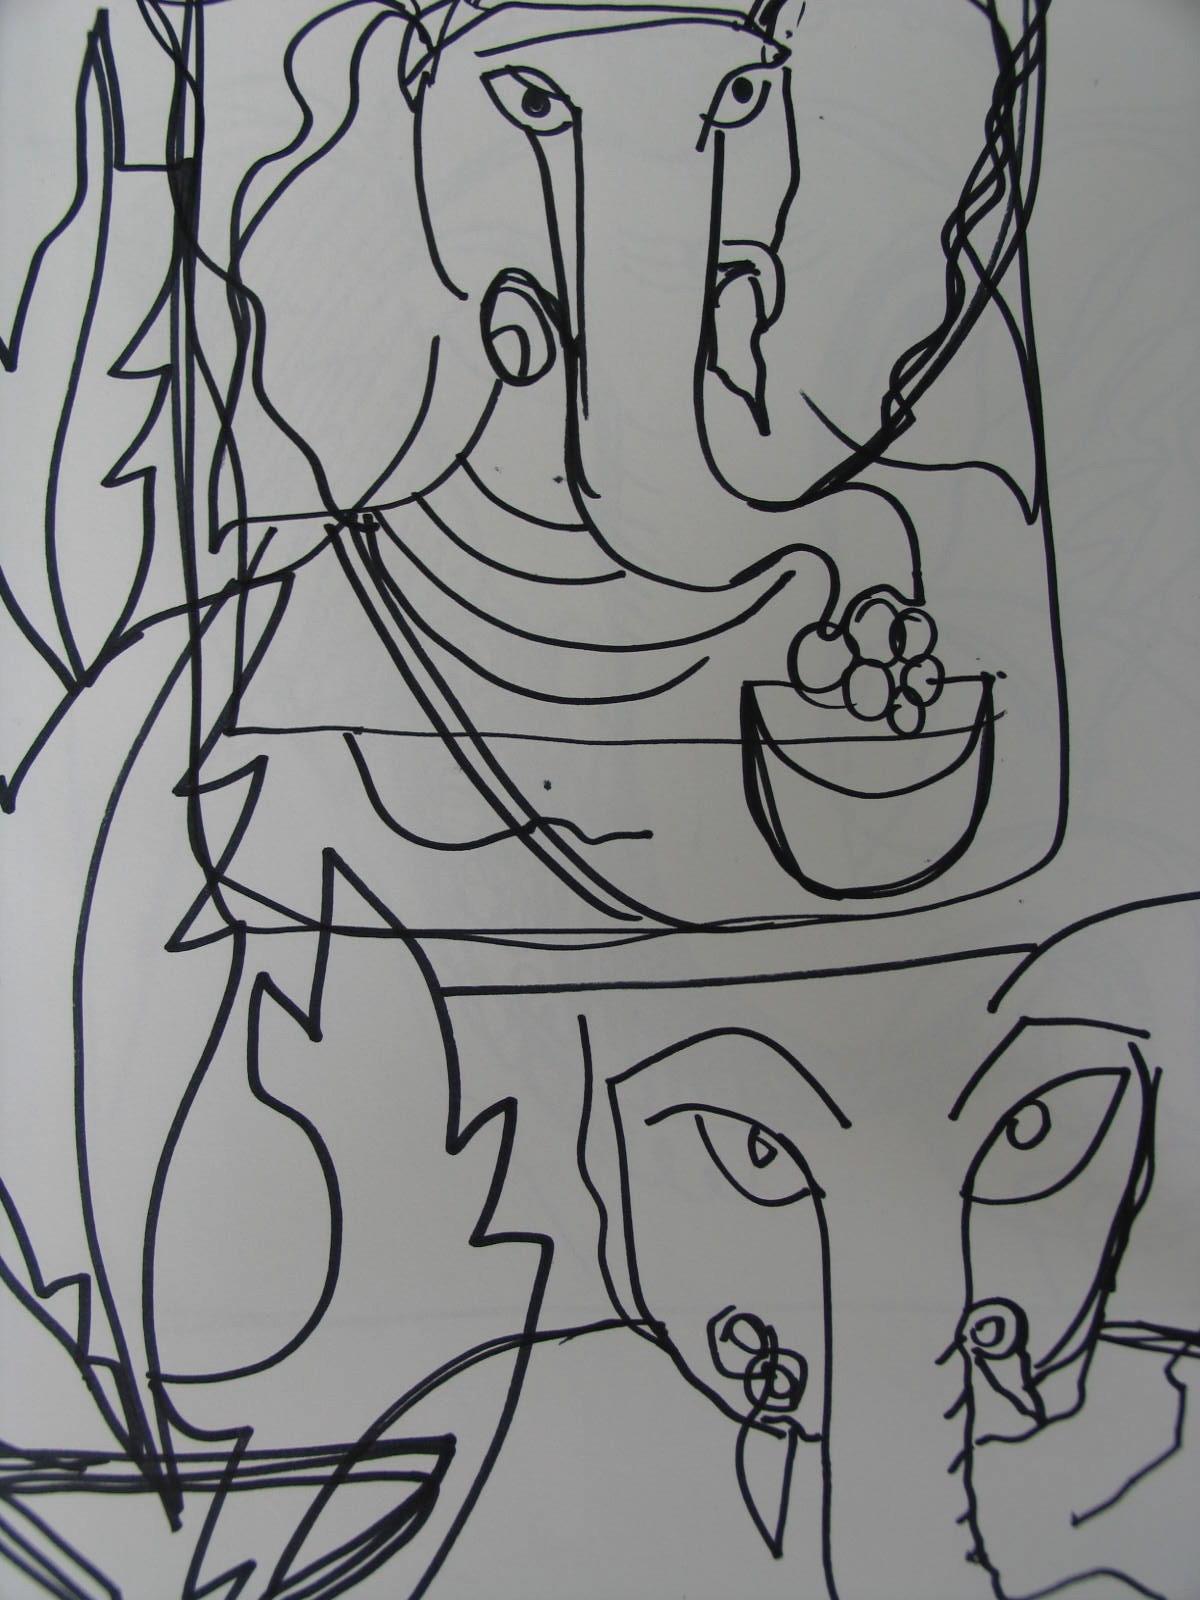 Sri Ganeshji Sketch 5